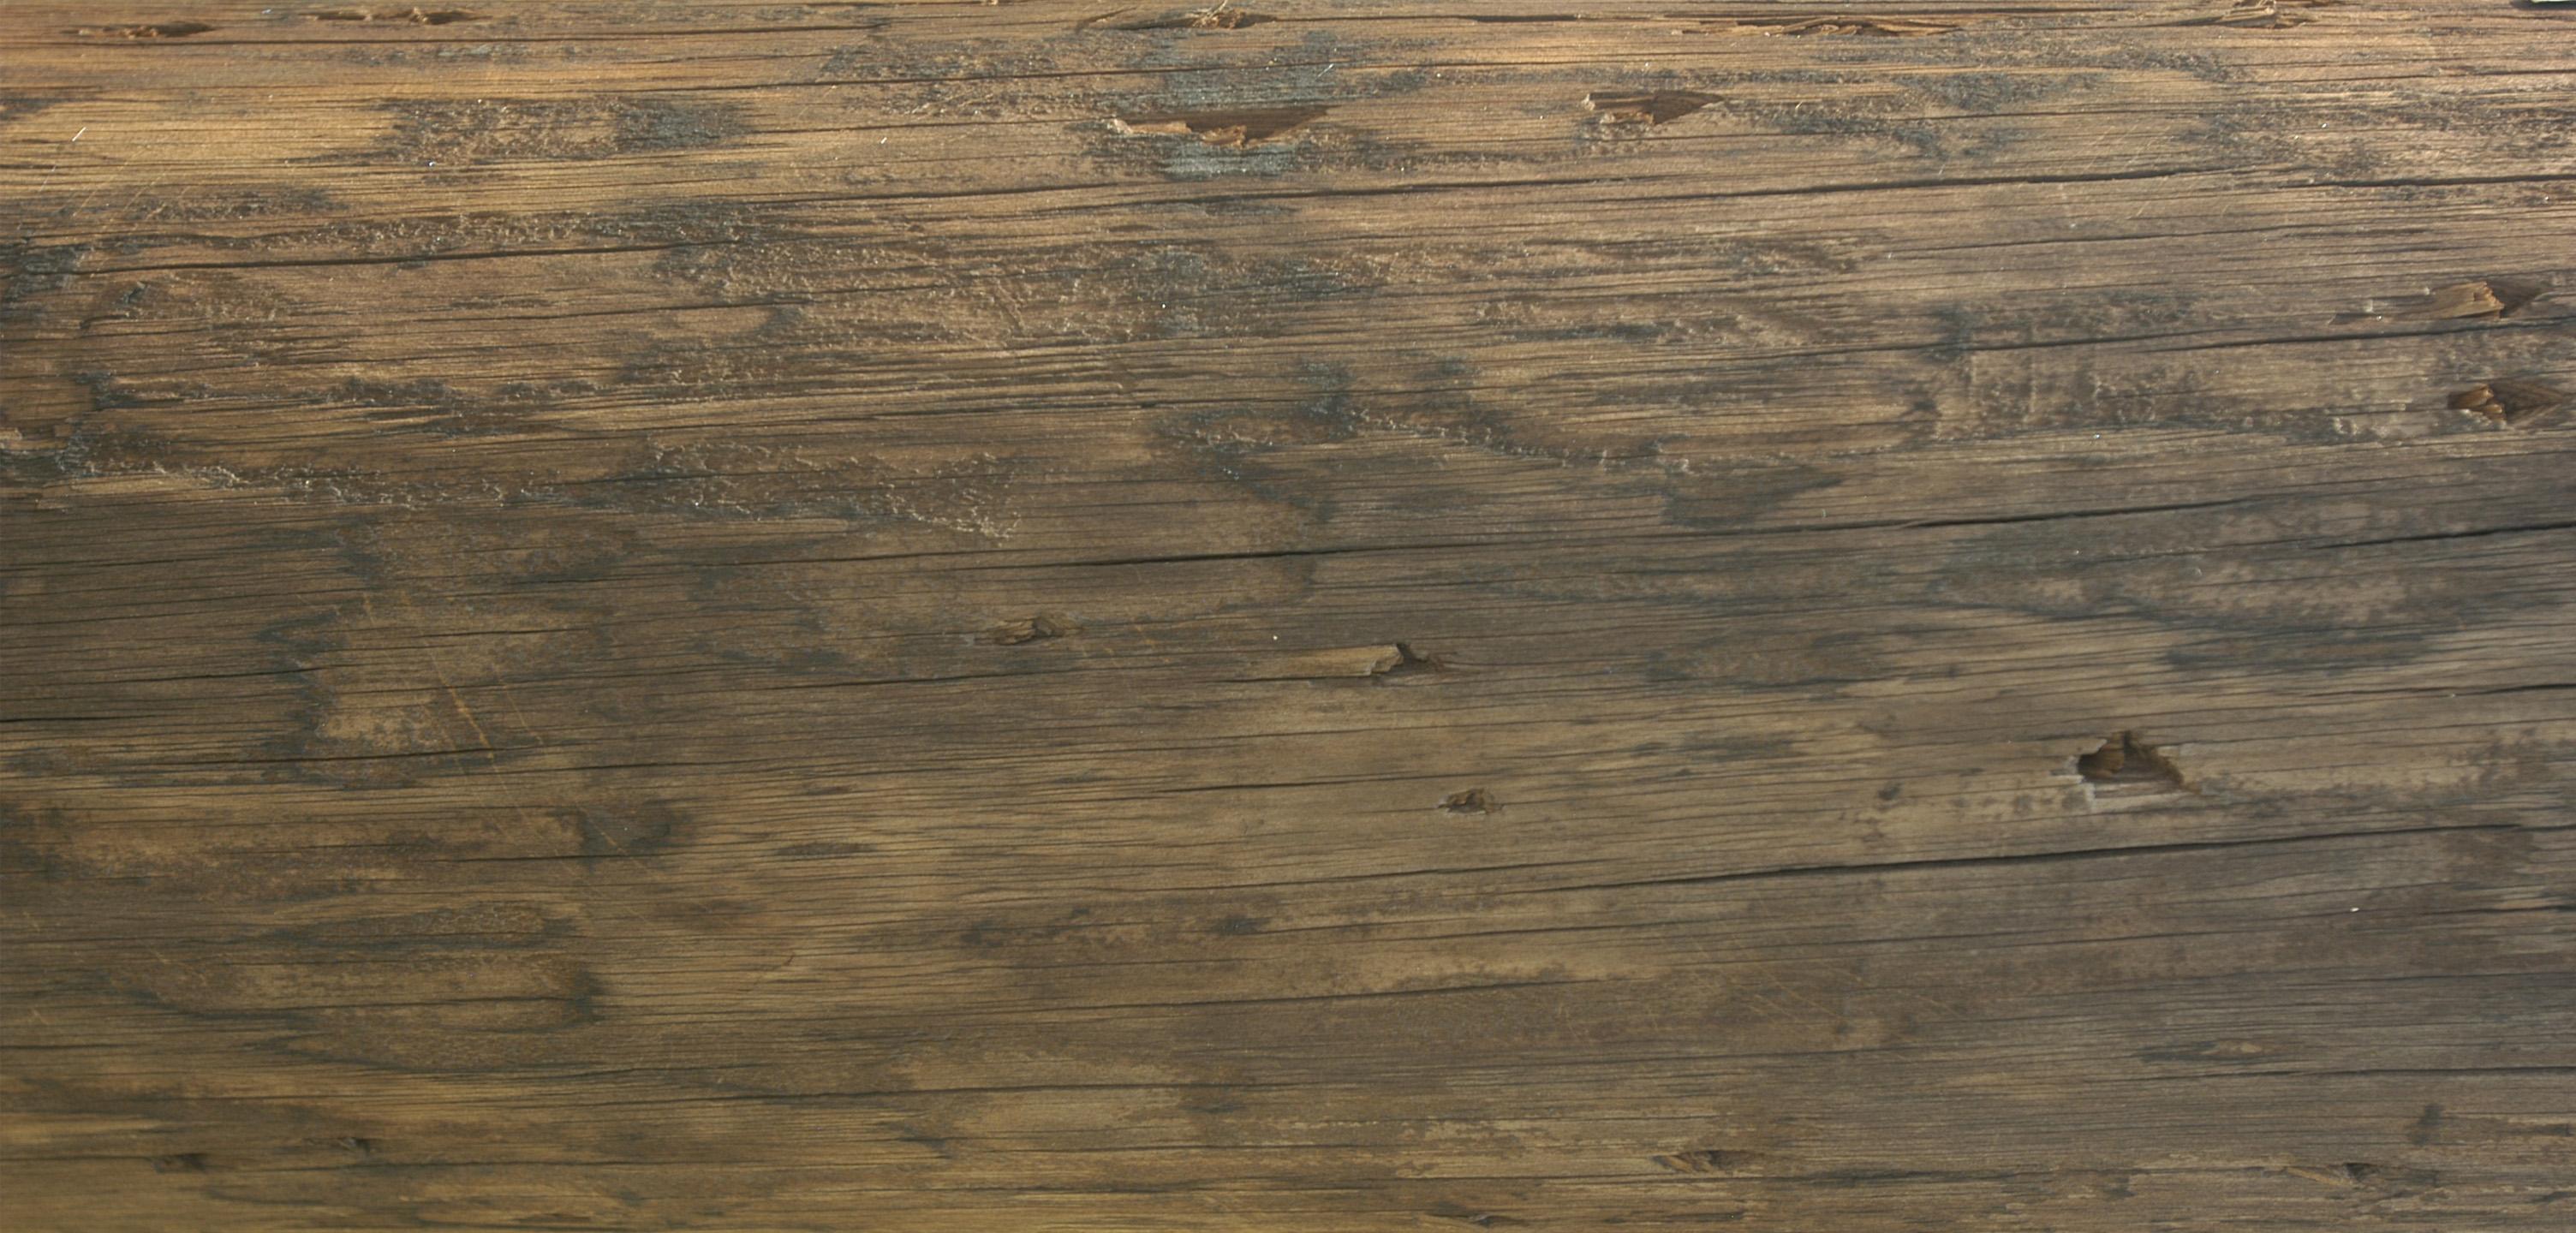 木材-残旧木(66)